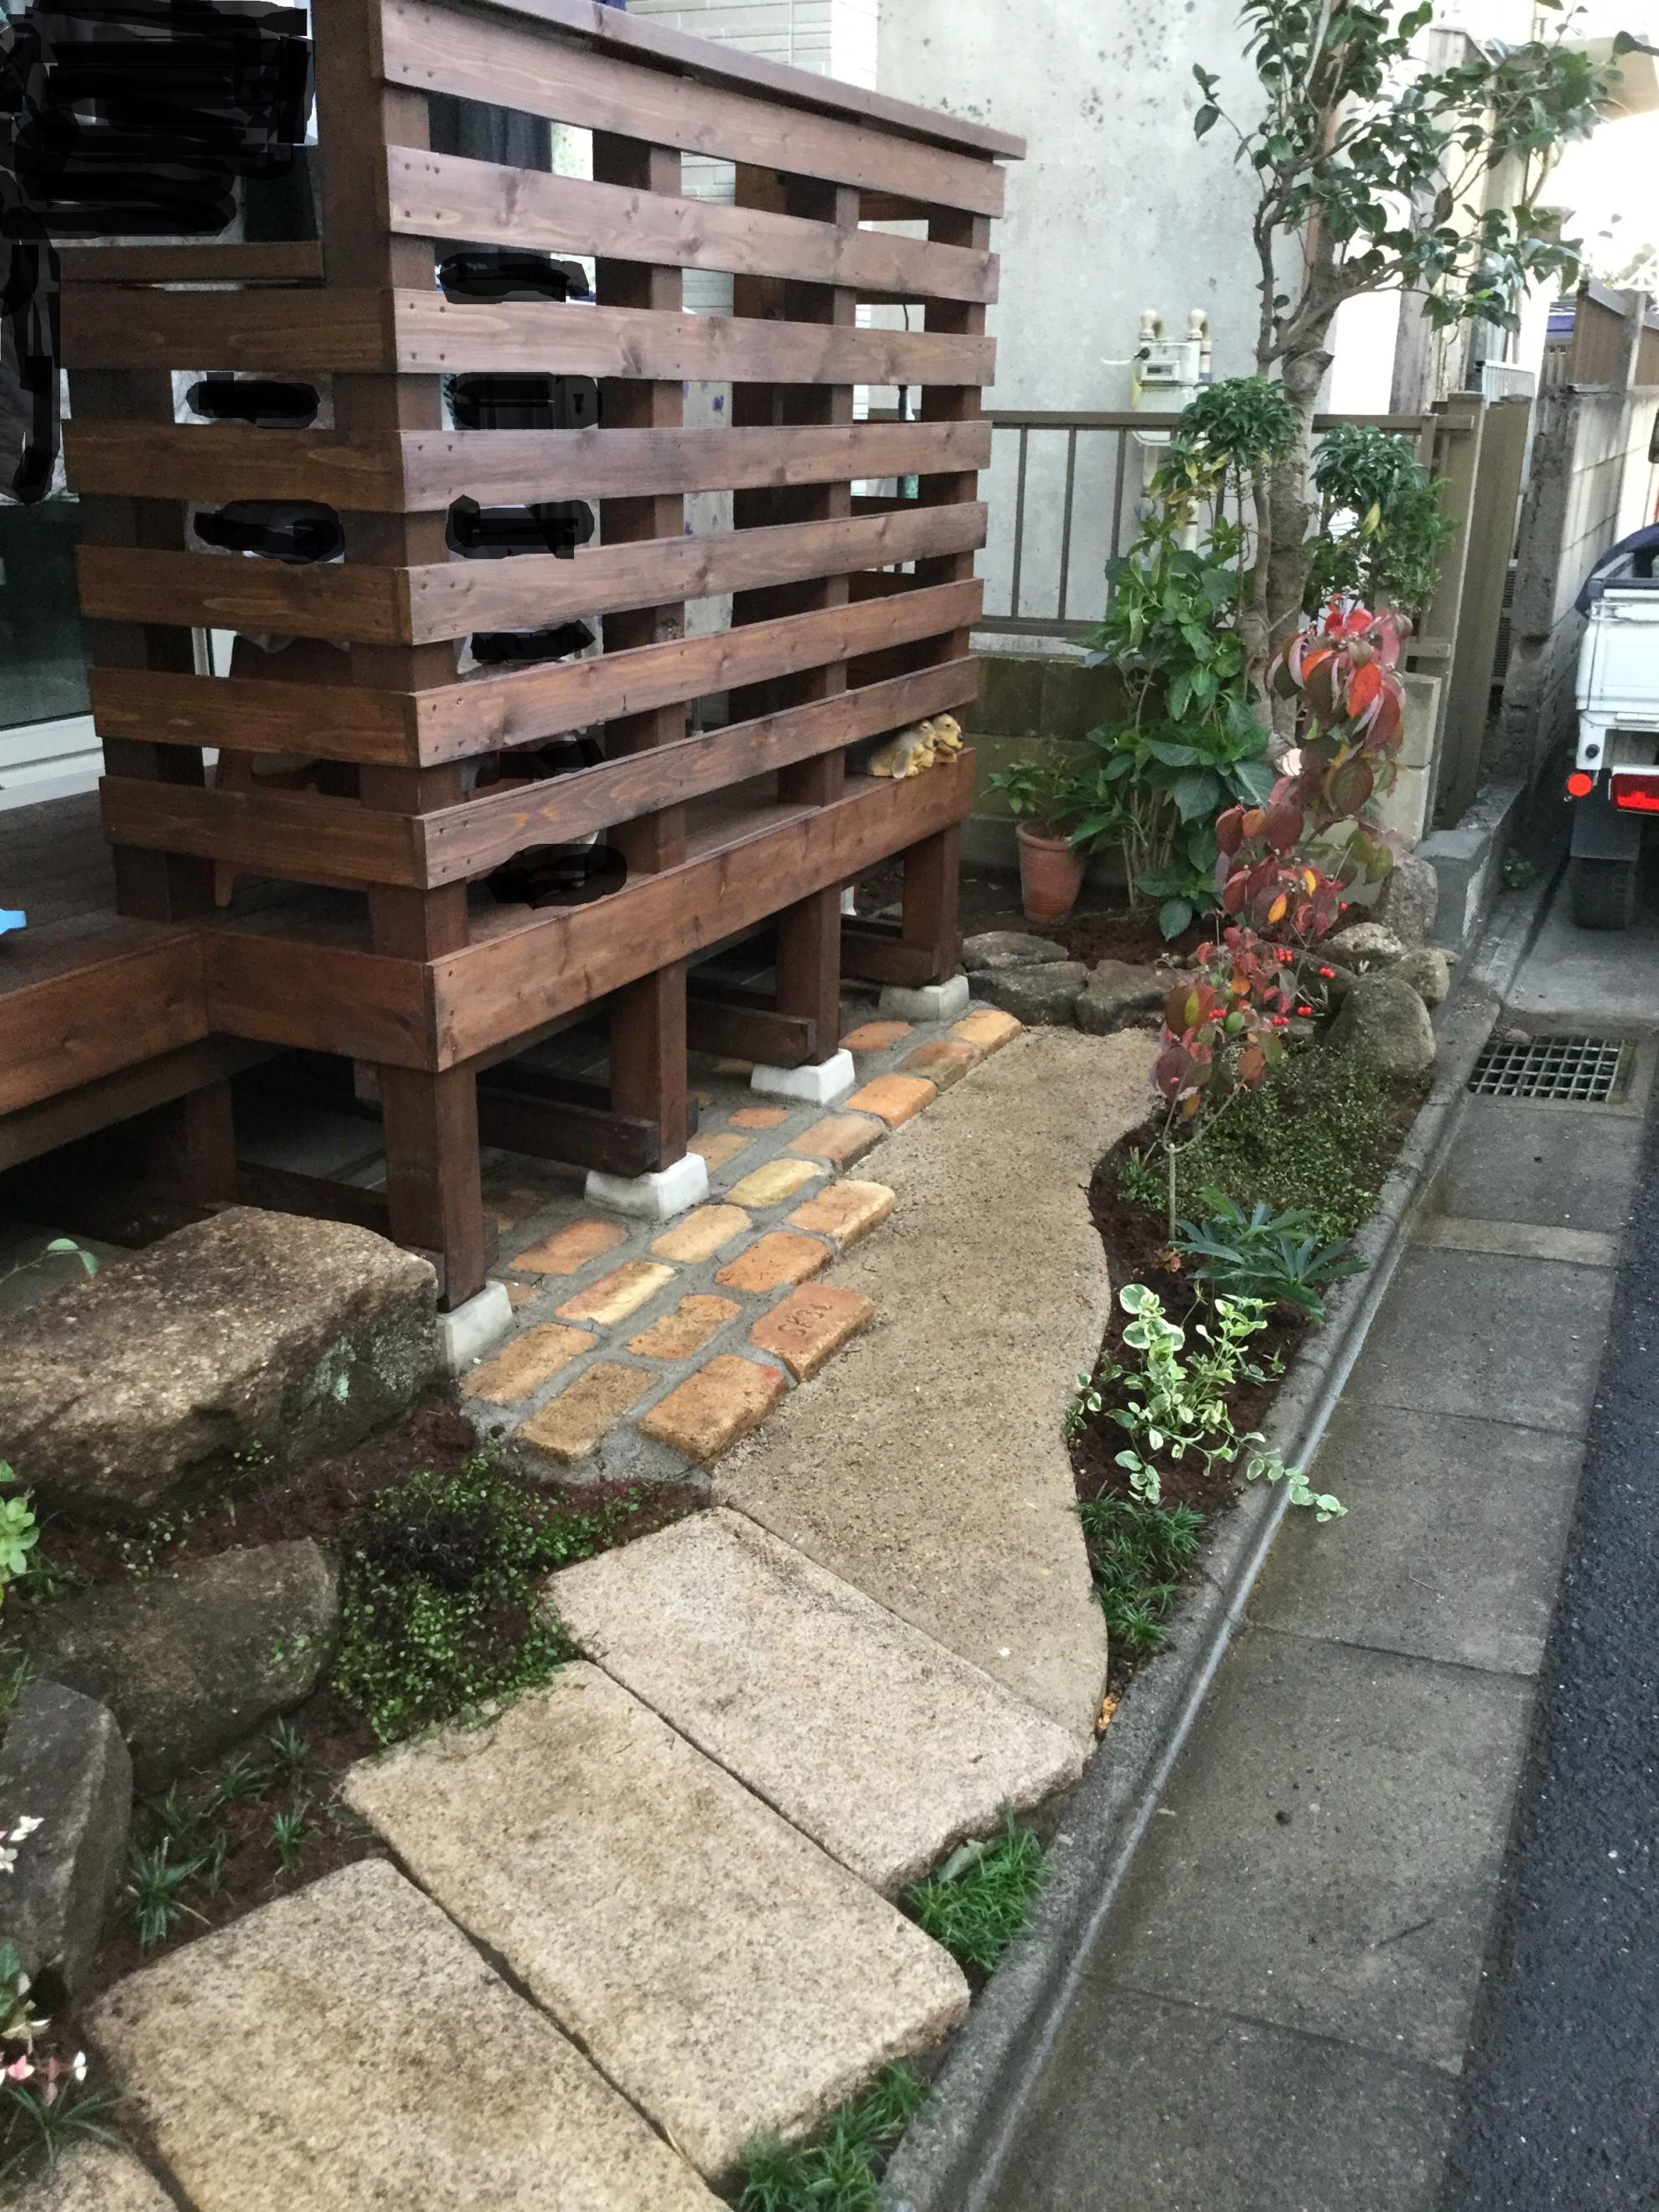 版築塀とアイアン屋根の門柱の庭 埼玉県(三芳町)-9